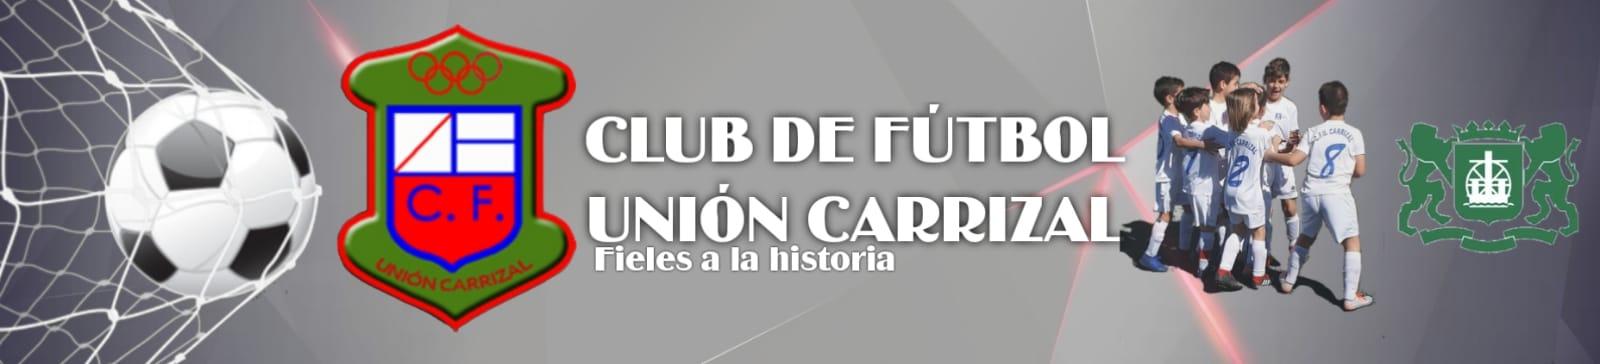 <%=Club.Nombre %>